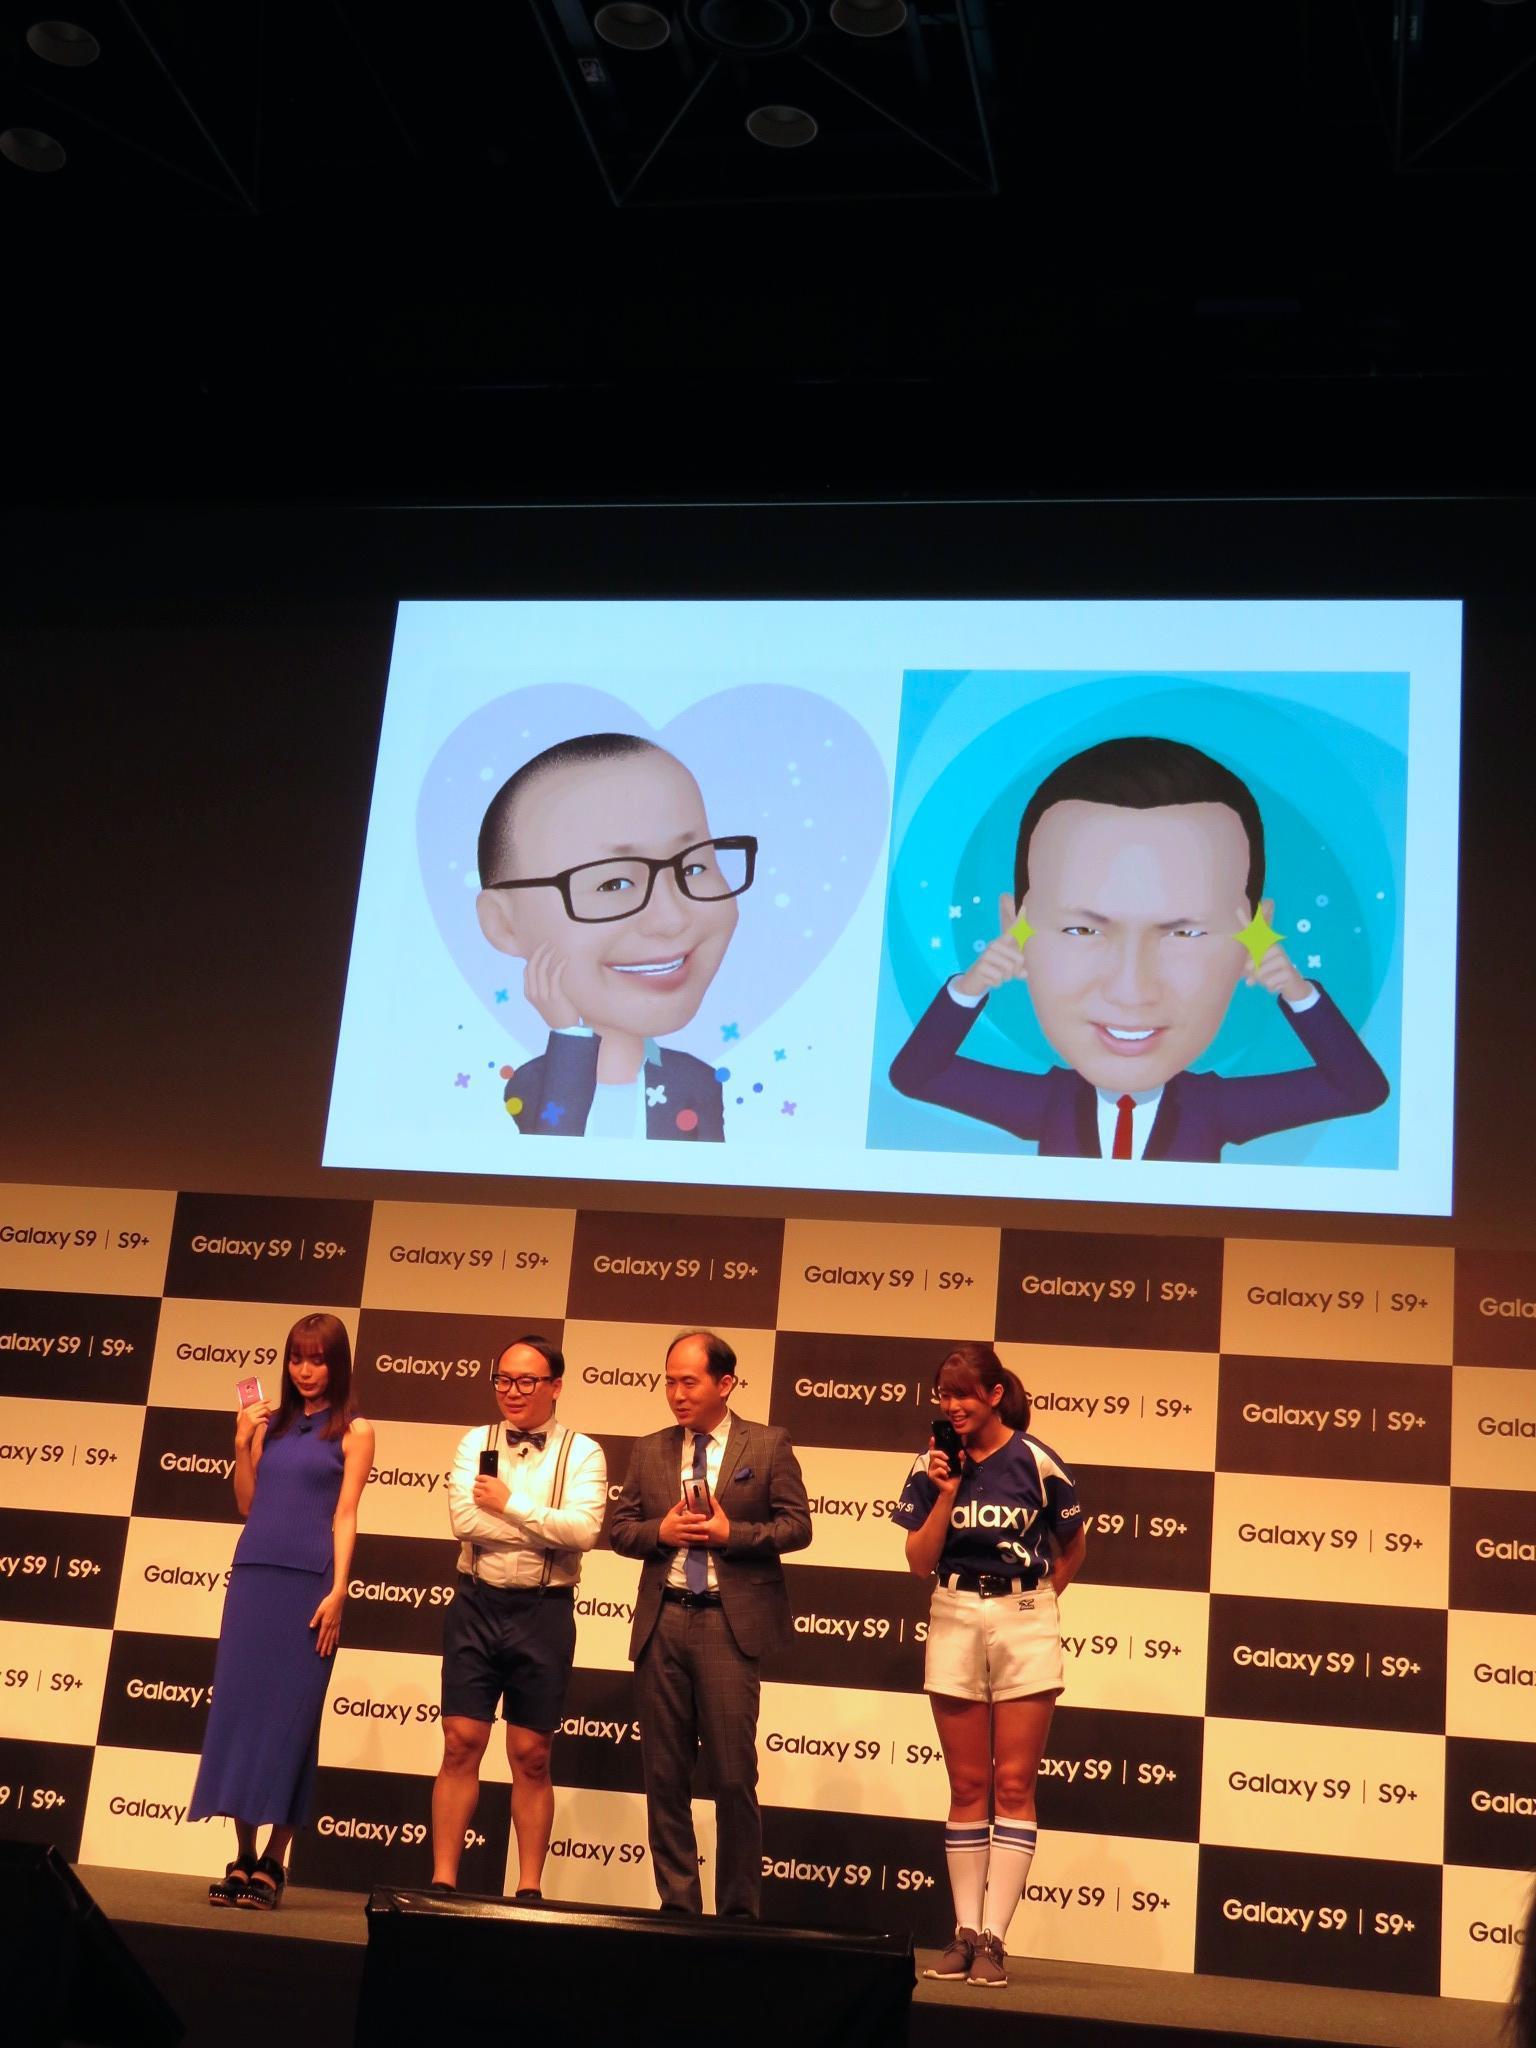 http://news.yoshimoto.co.jp/20180517175205-bfc47e563ab97543a672d0f5b3303bc47729efb5.jpg